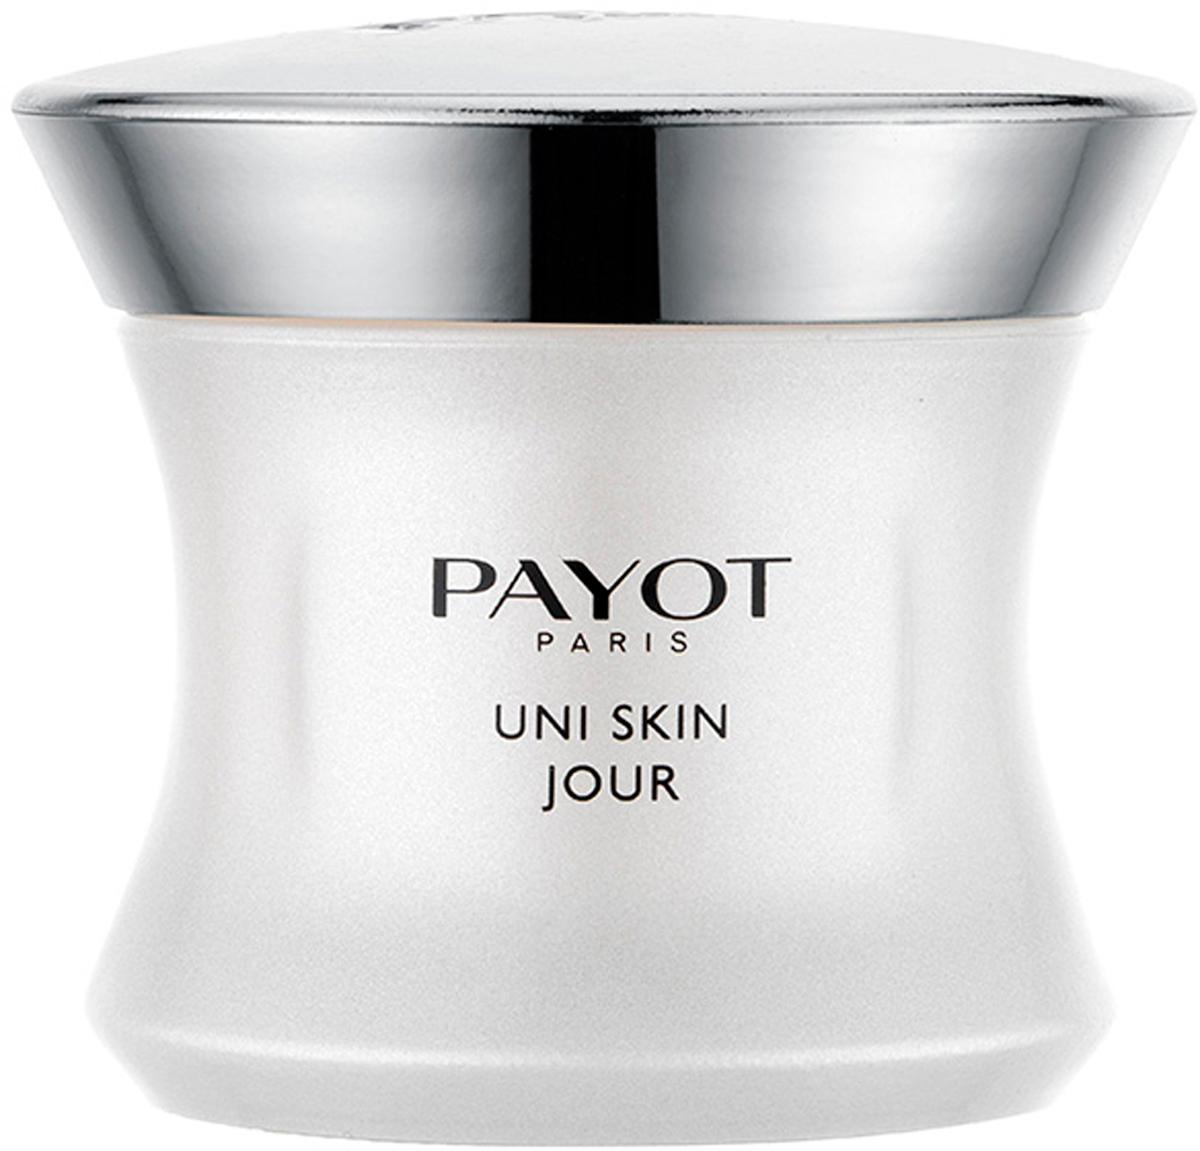 Payot Uni Skin Выравнивающий совершенствующий крем, 50 мл кремы payot крем для глаз payot supreme jeunesse с омолаживающим эффектом 15 мл